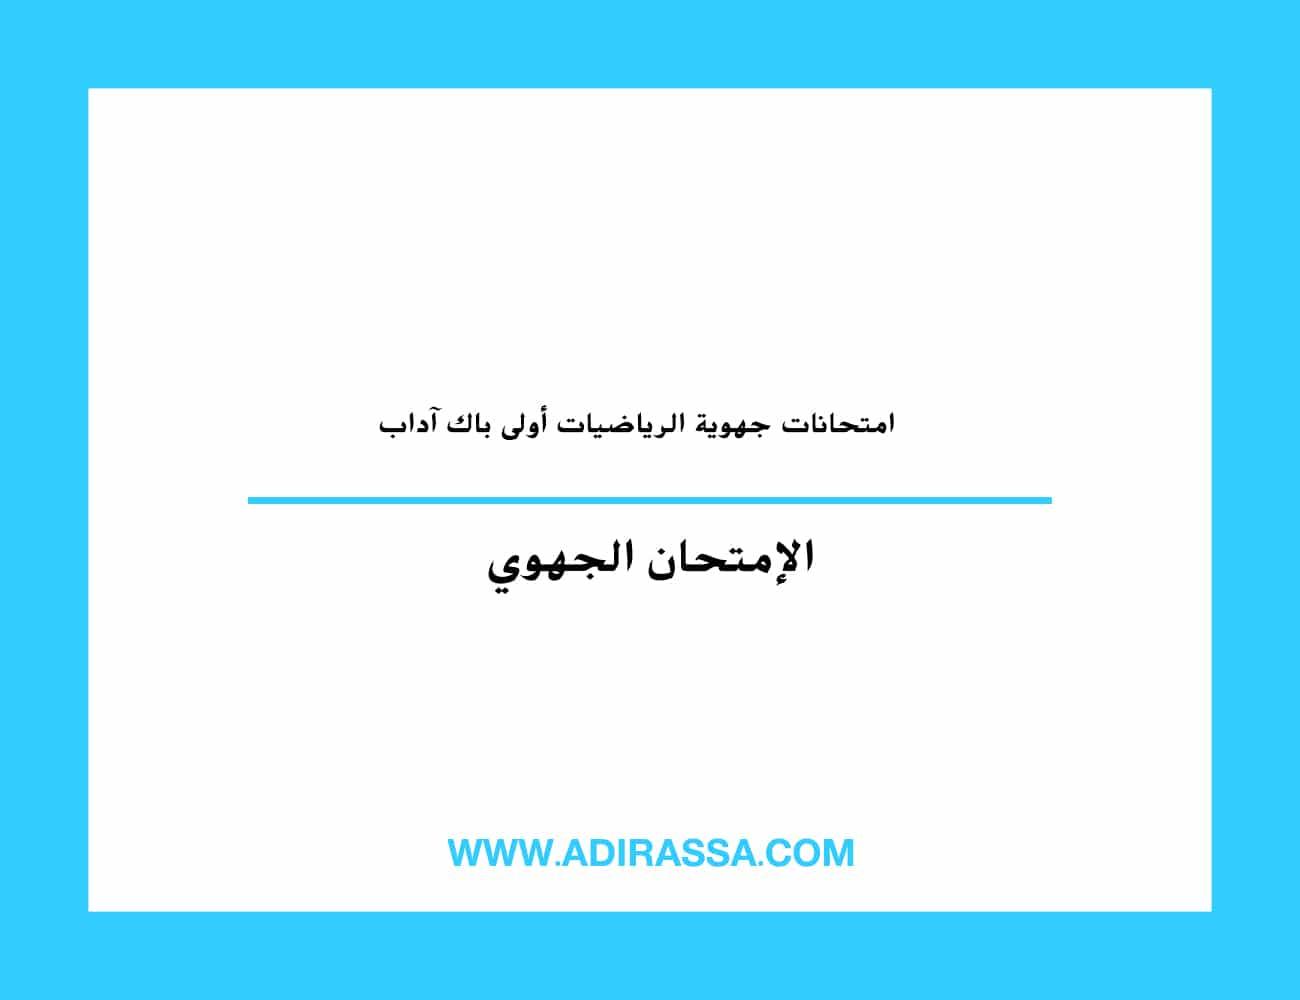 امتحانات جهوية الرياضيات أولى باك آداب في الثانوي التأهيلي مغربي